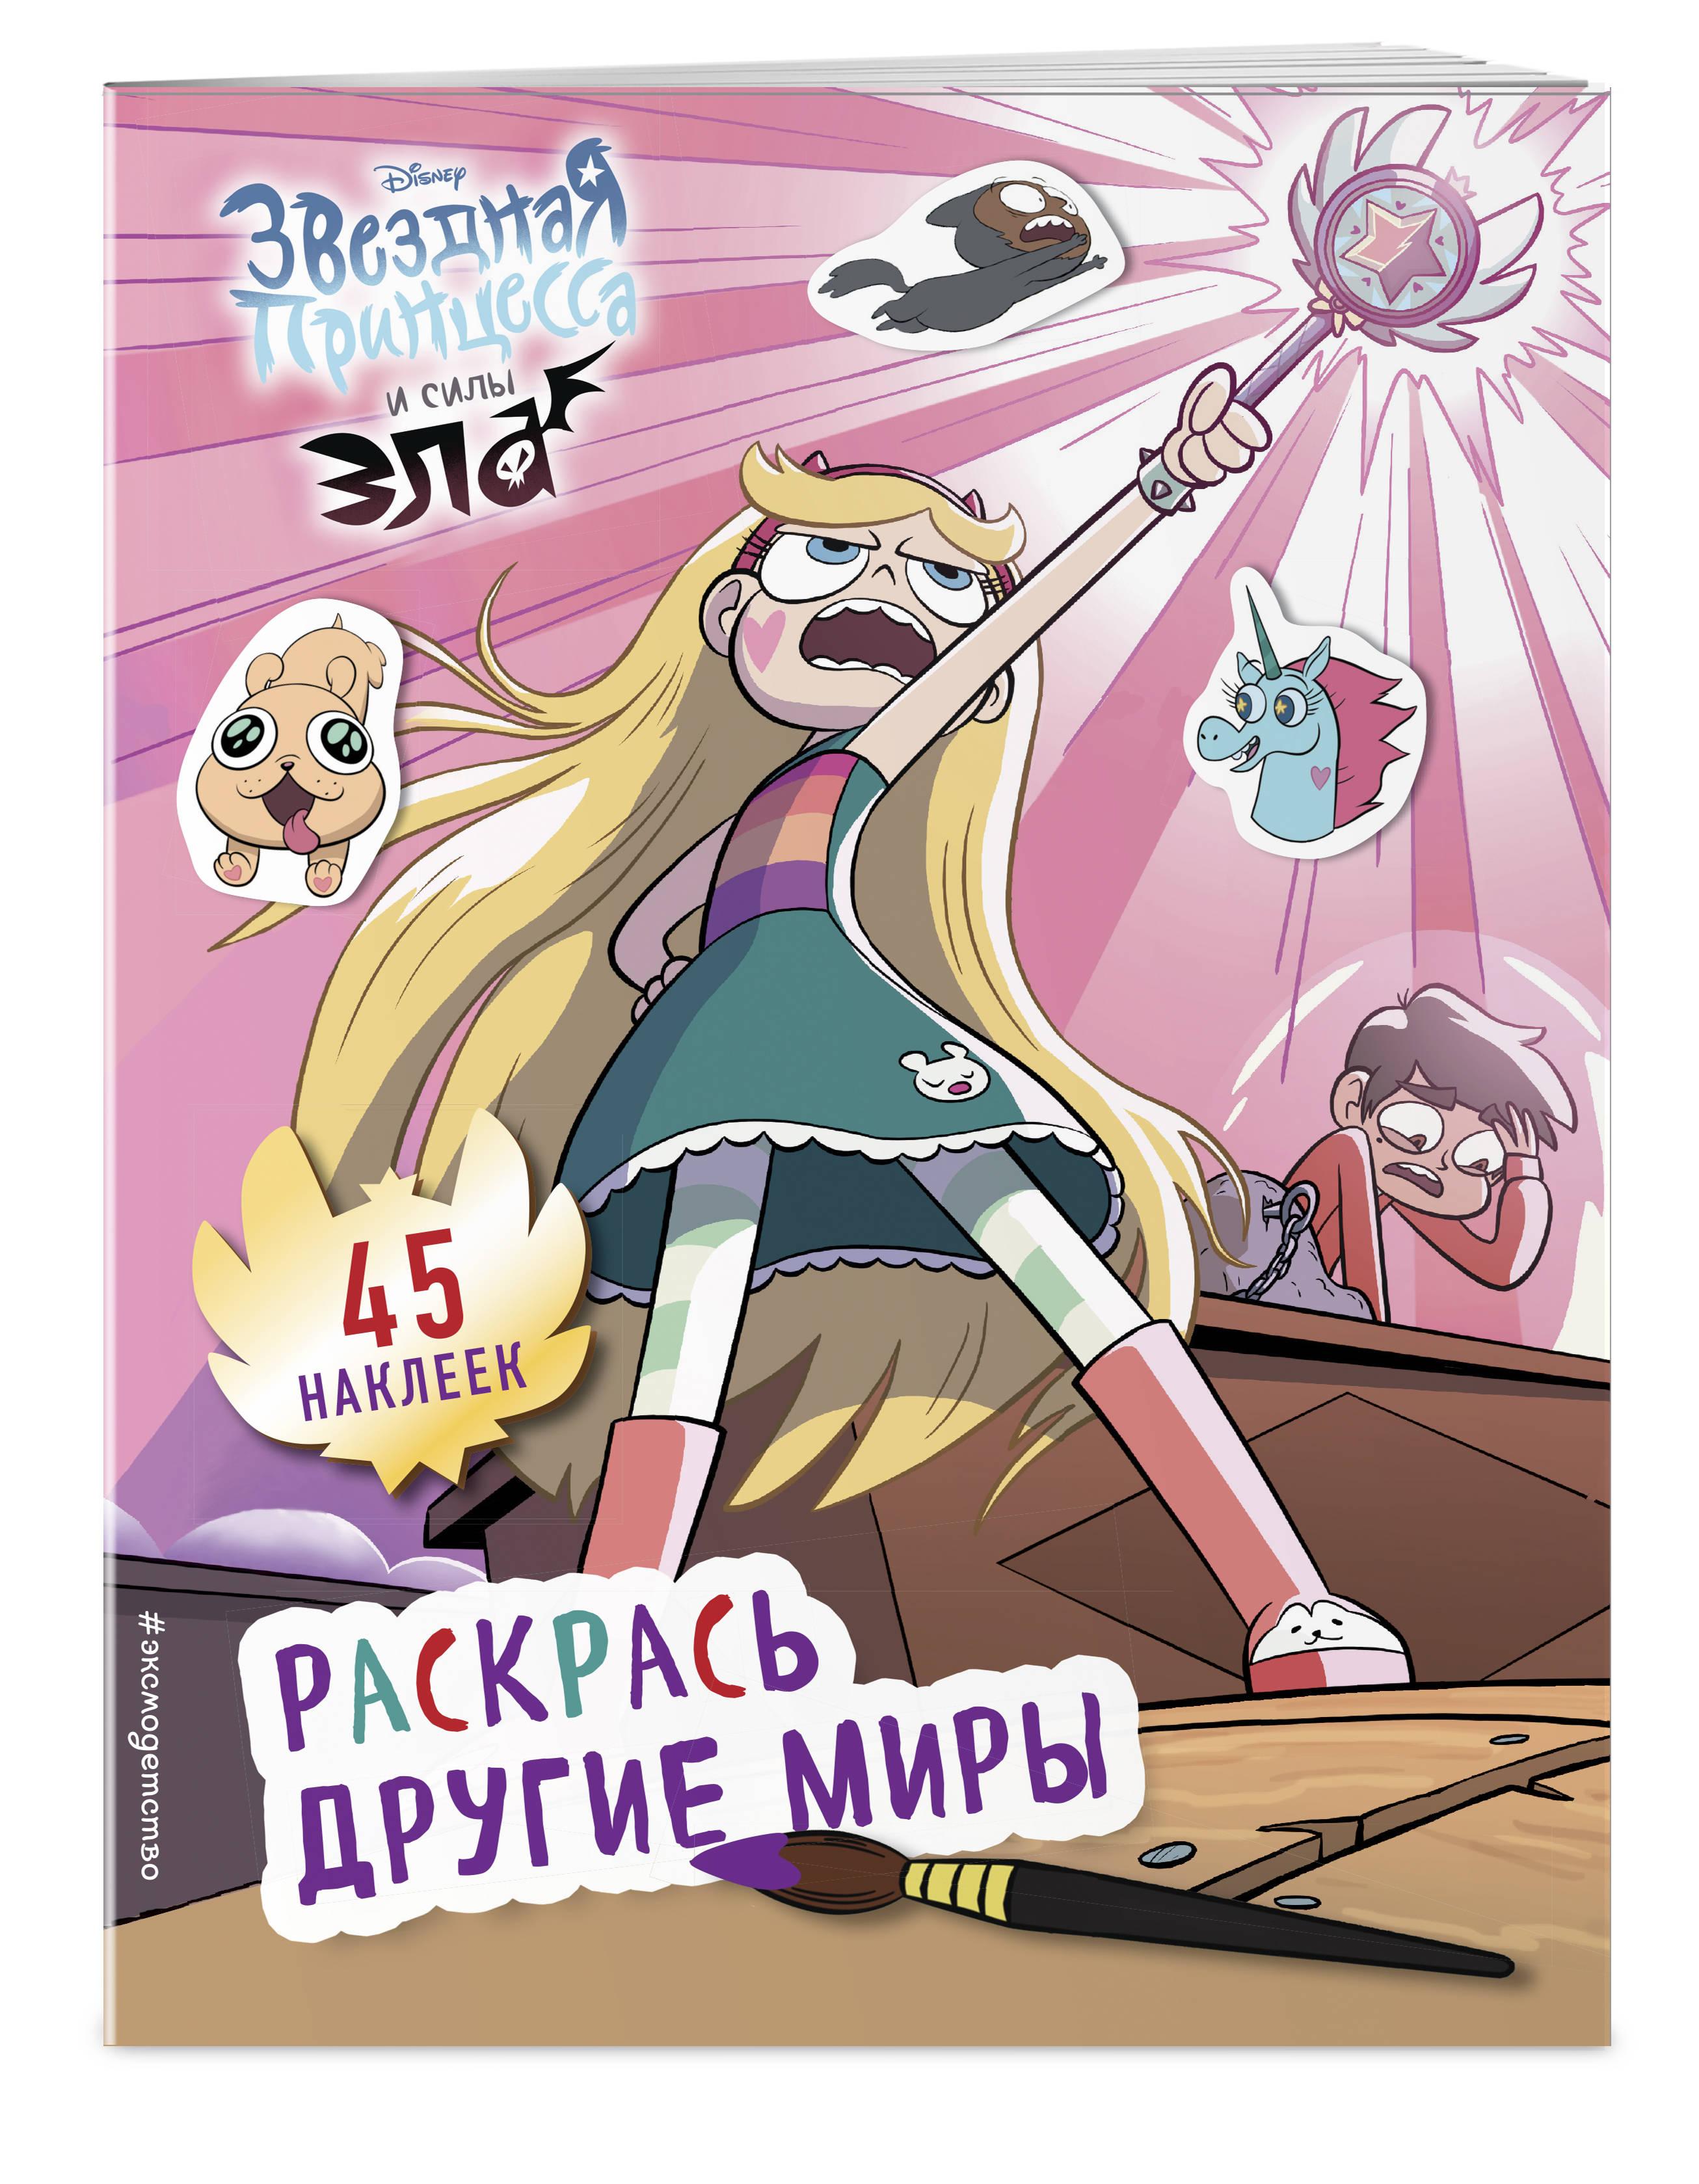 Бунина Н.В. Раскрась другие миры (с наклейками) эксмо книжка с наклейками disney звёздная принцесса и силы зла 500 наклеек для разных миров